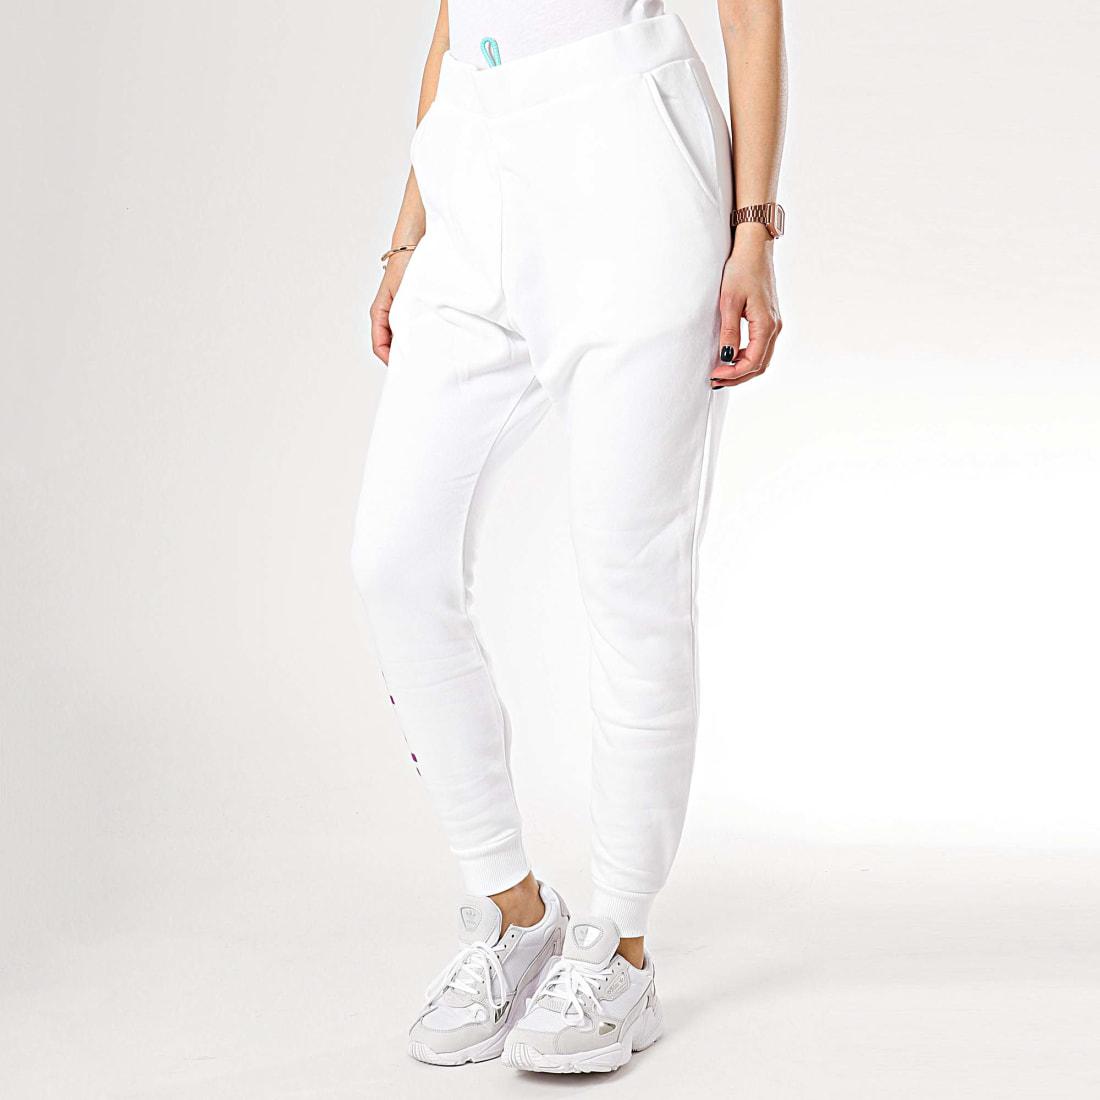 Fille EX STORE Gris Jogging Pantalon Survêtement Bottoms